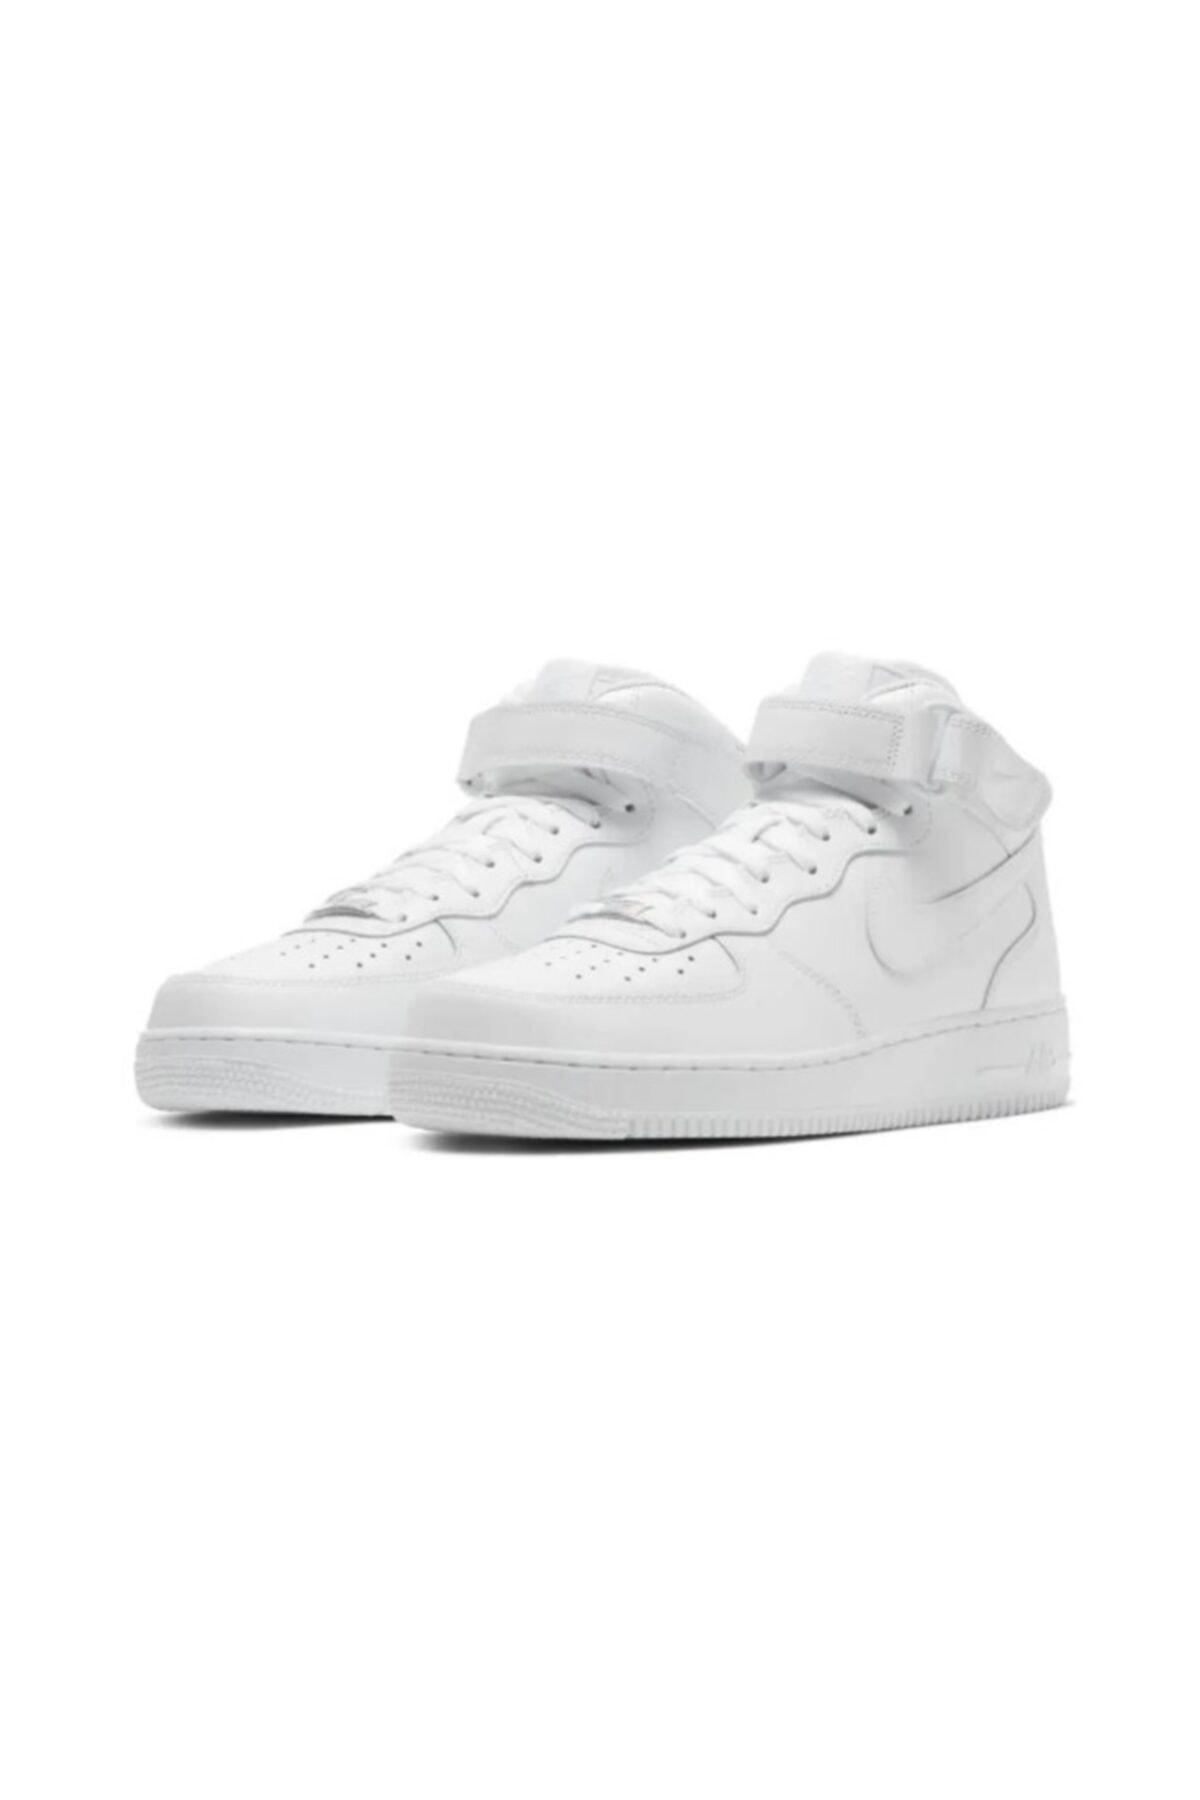 Nike Air Force 1 Mıd '07 Spor Ayakkabı 315123-111 2